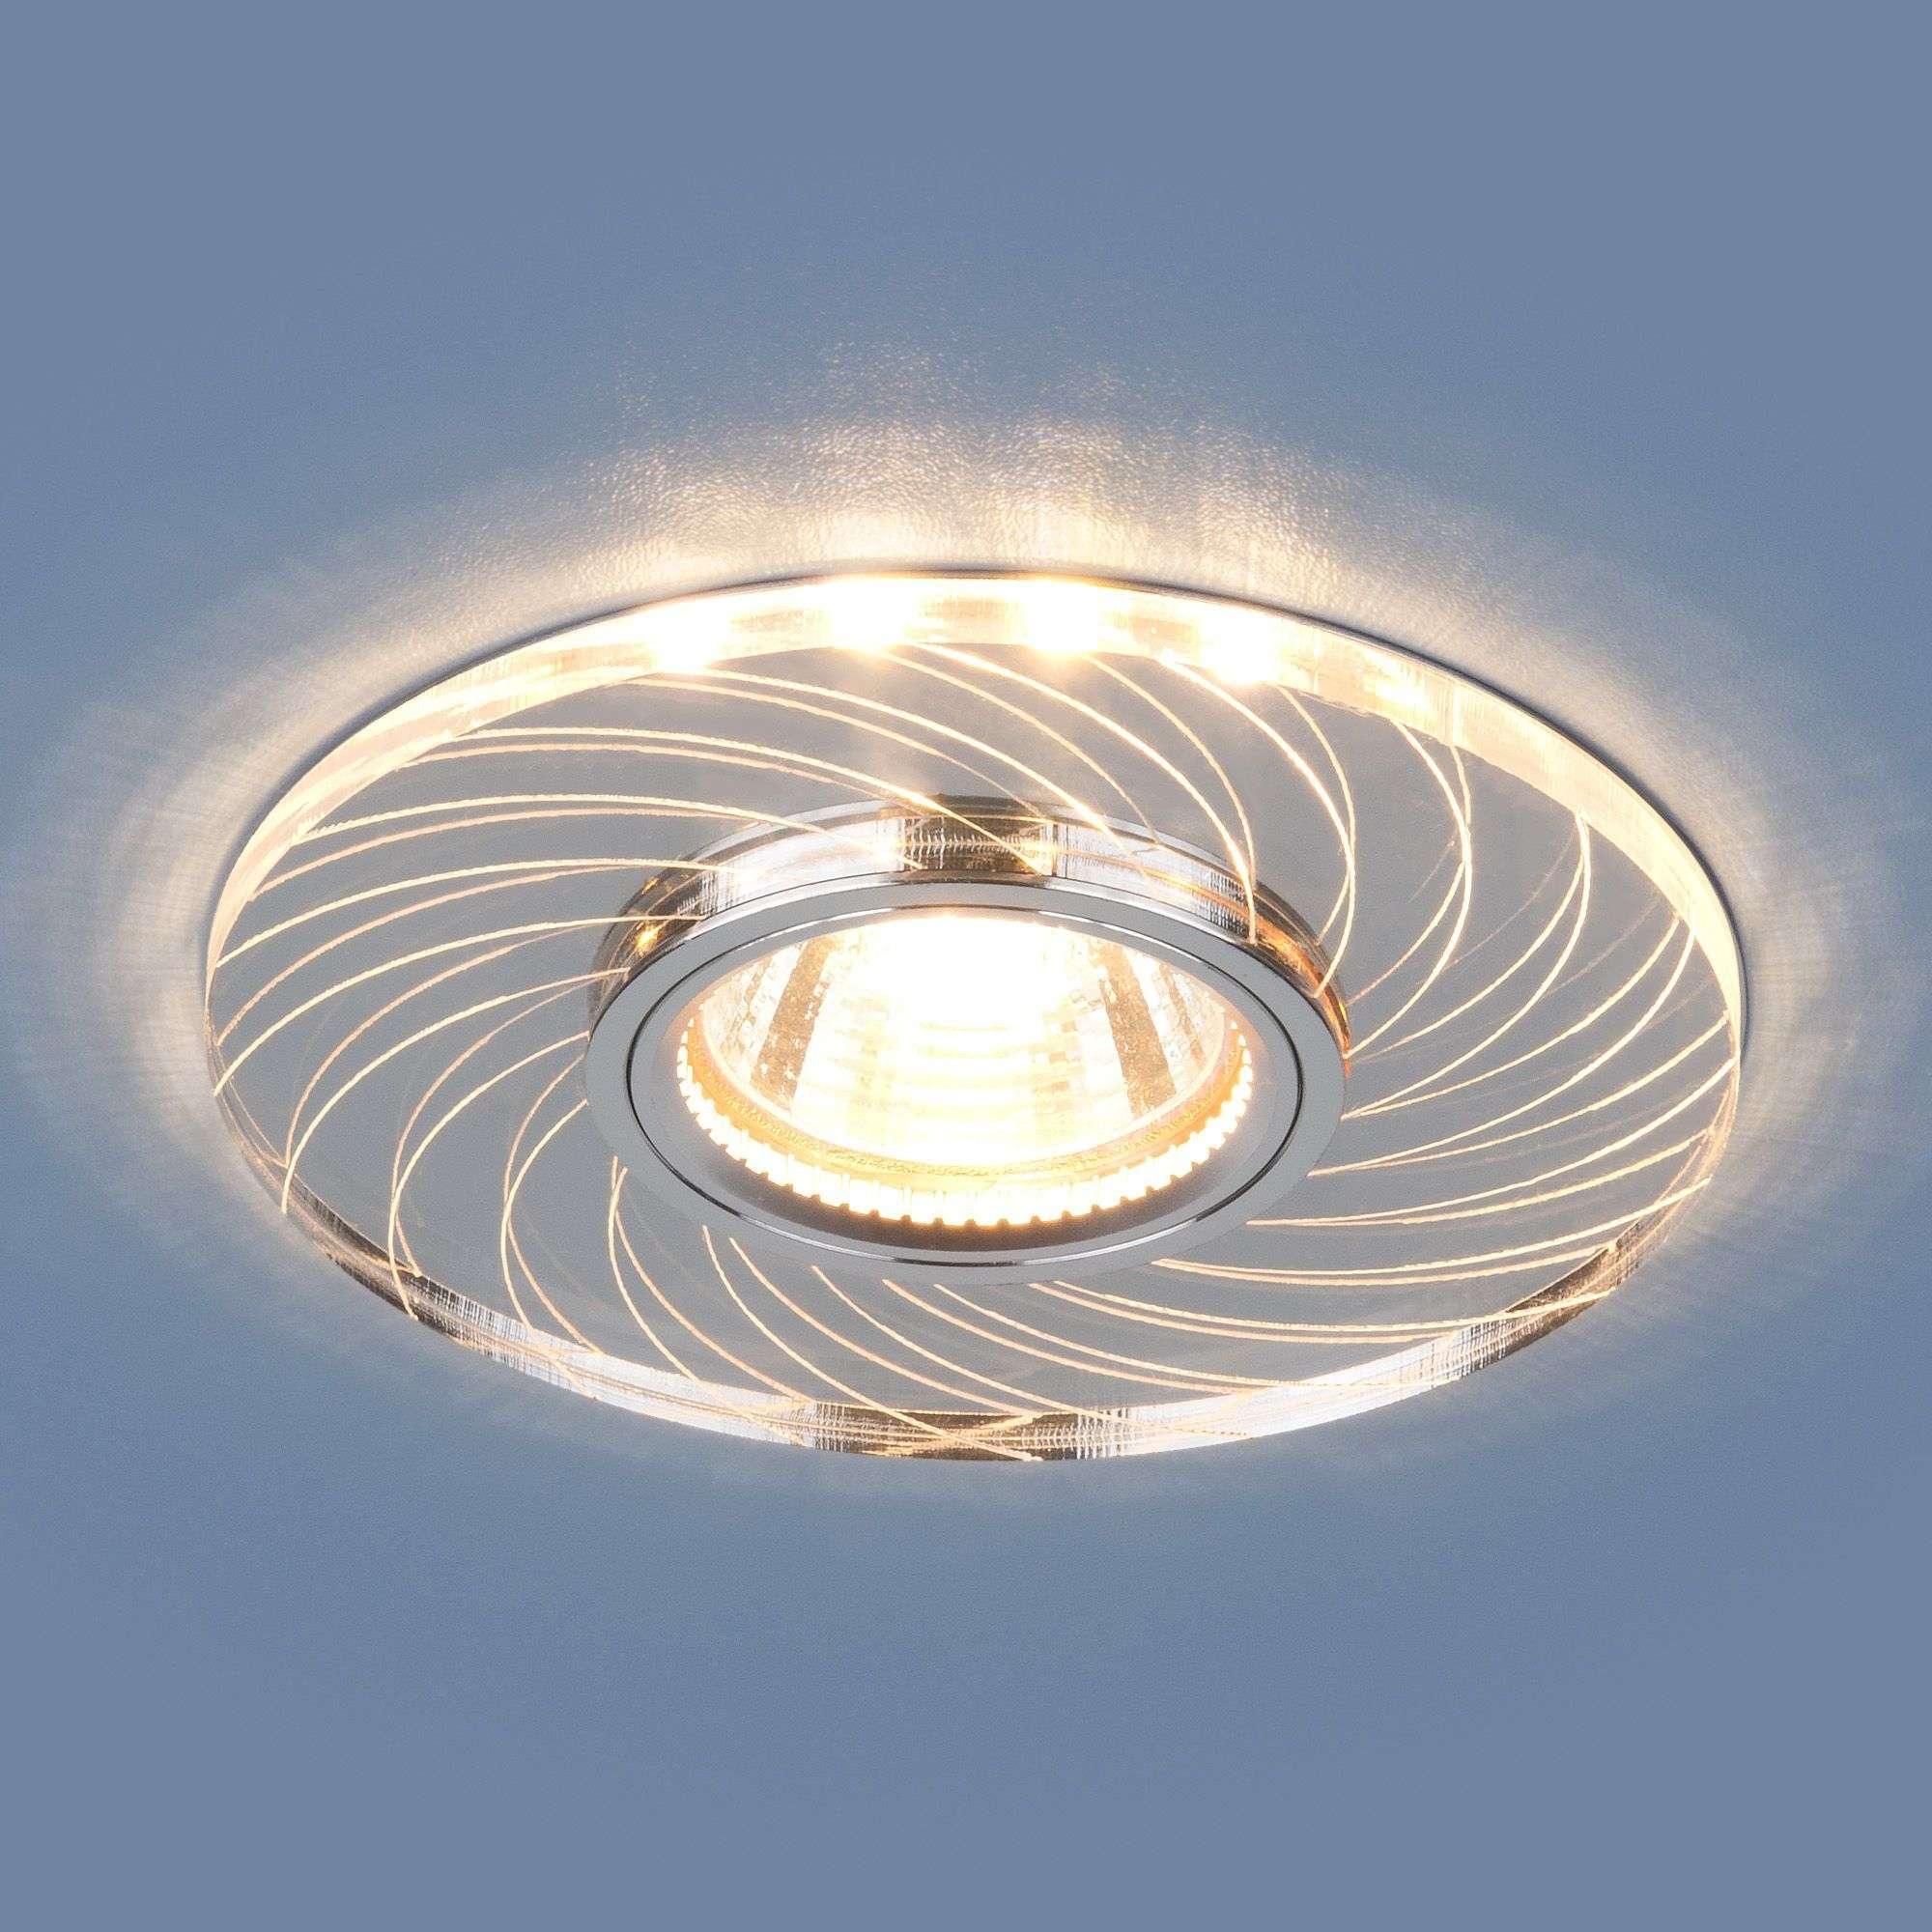 Точечный светильник с LED подсветкой 2203 MR16 CL прозрачный